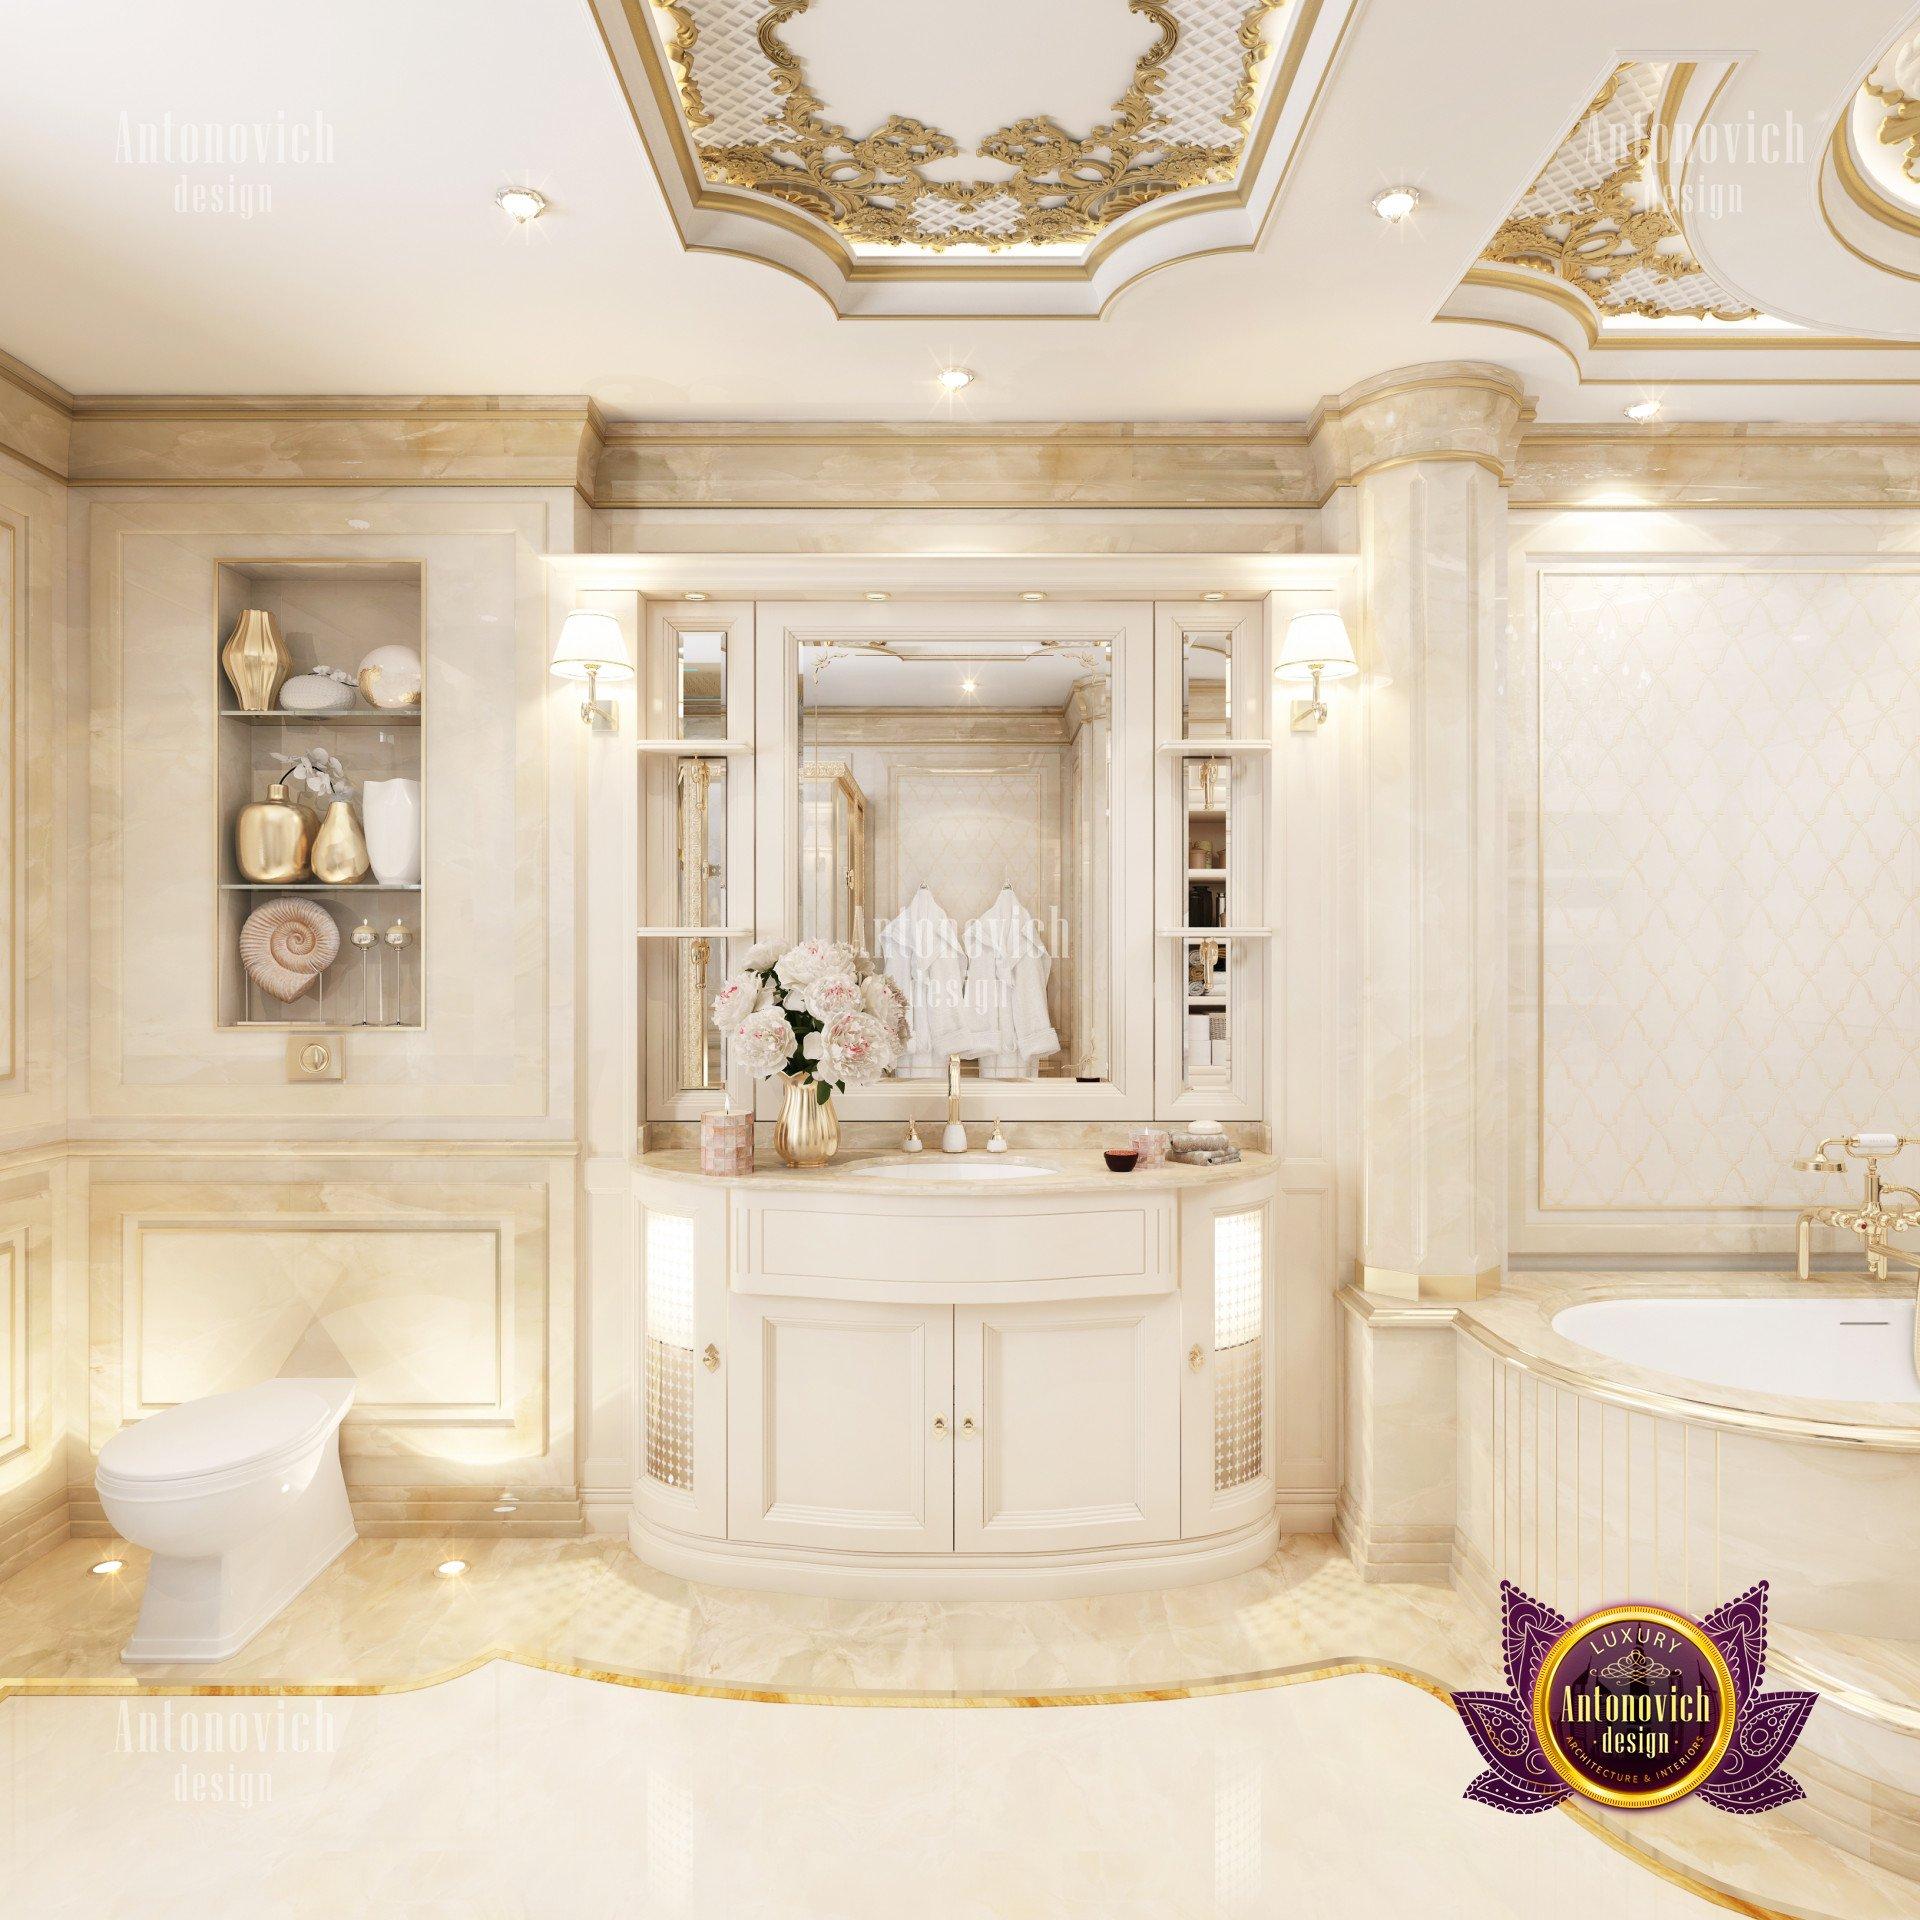 New Classic Bathroom Interior Luxury Interior Design